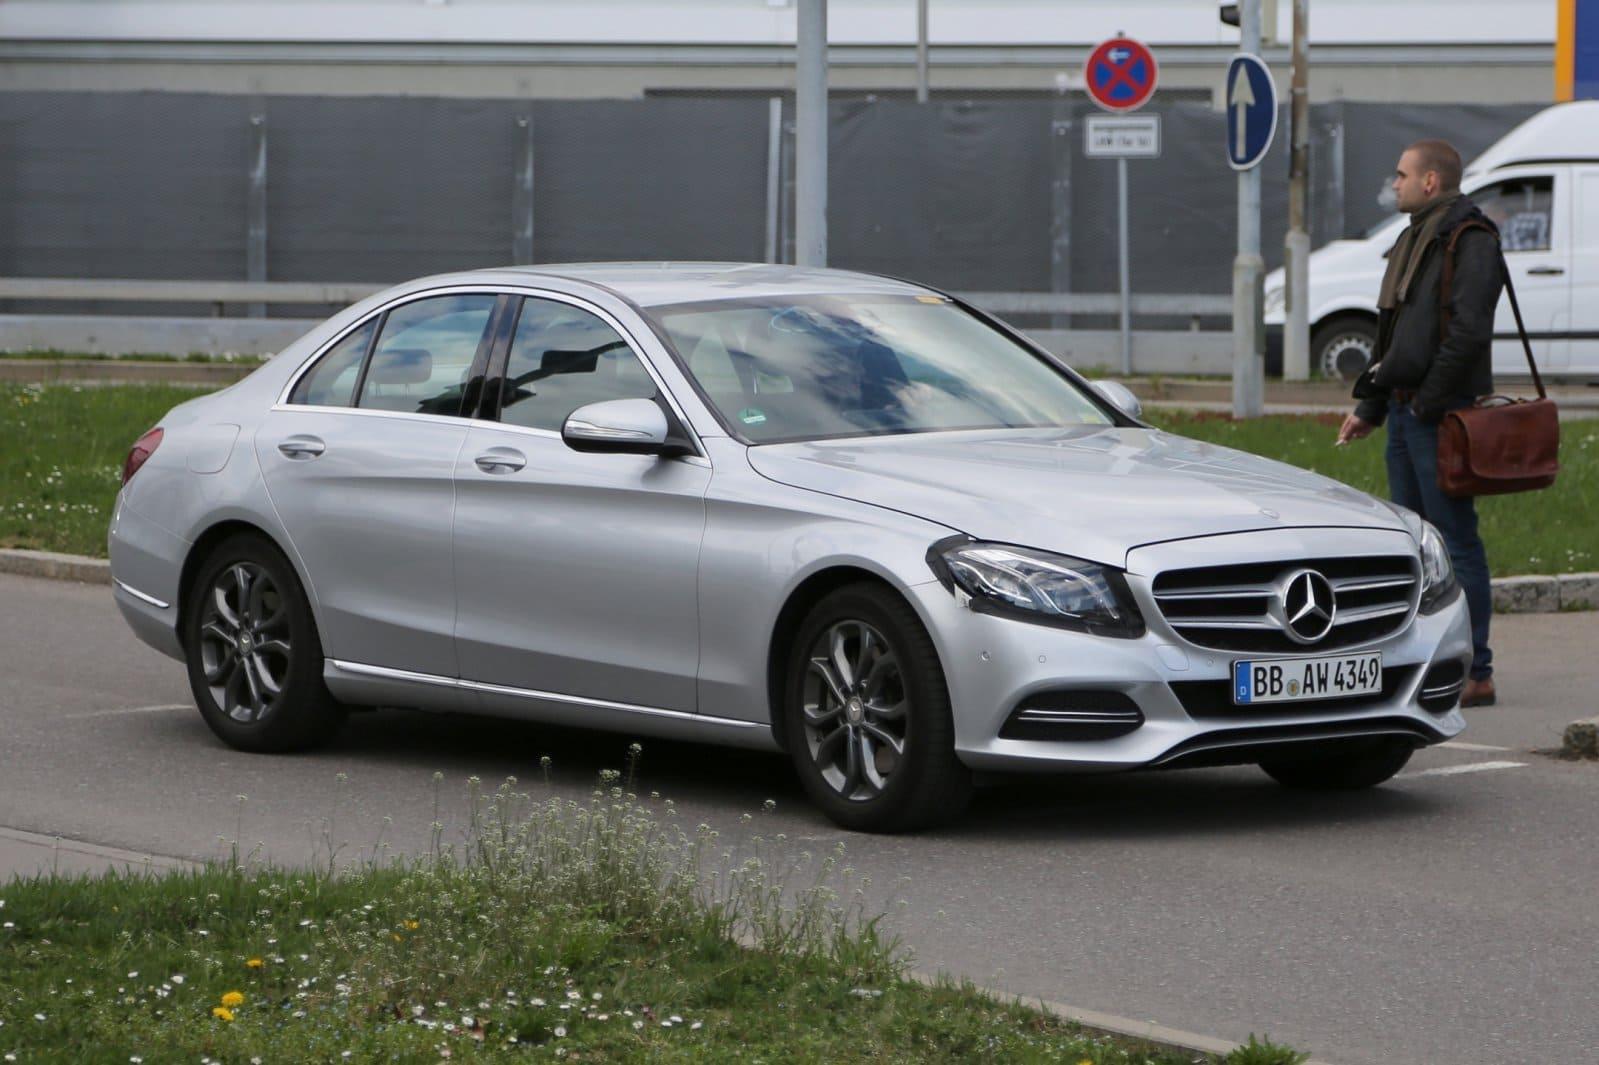 Mercedes schuin voor